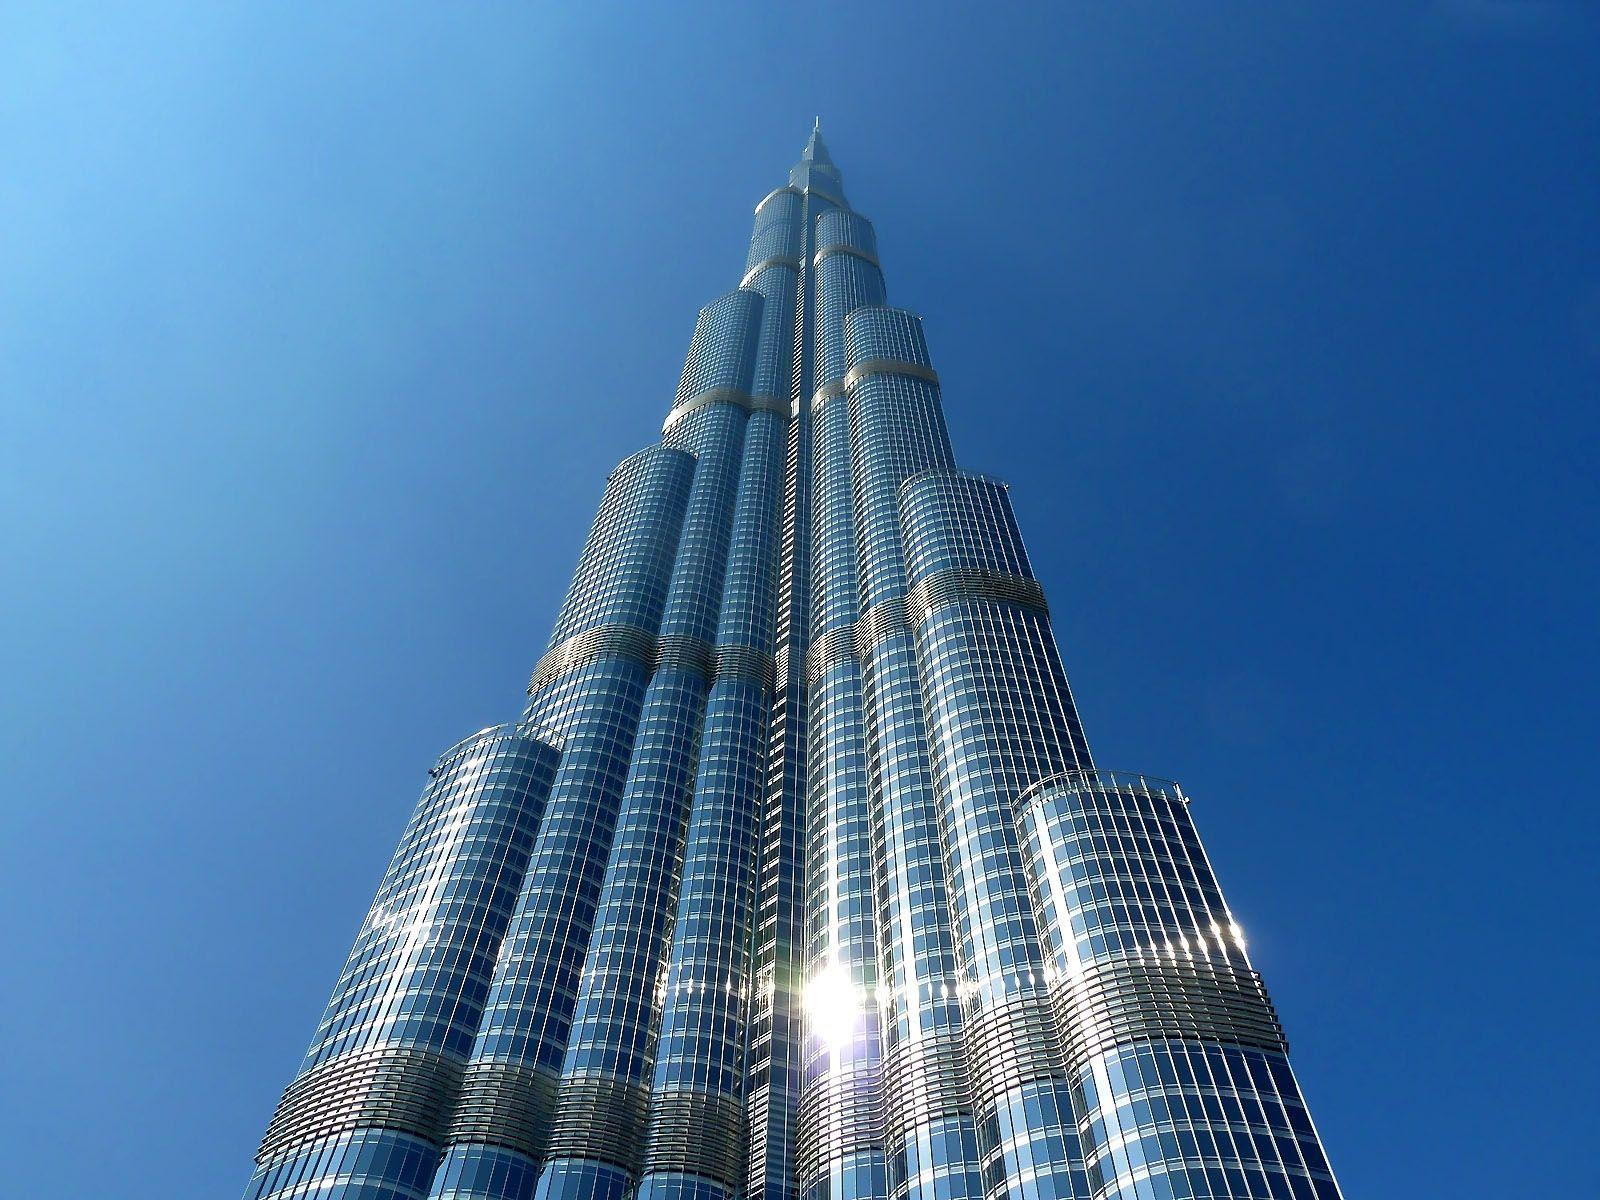 Tip of burj khalifa